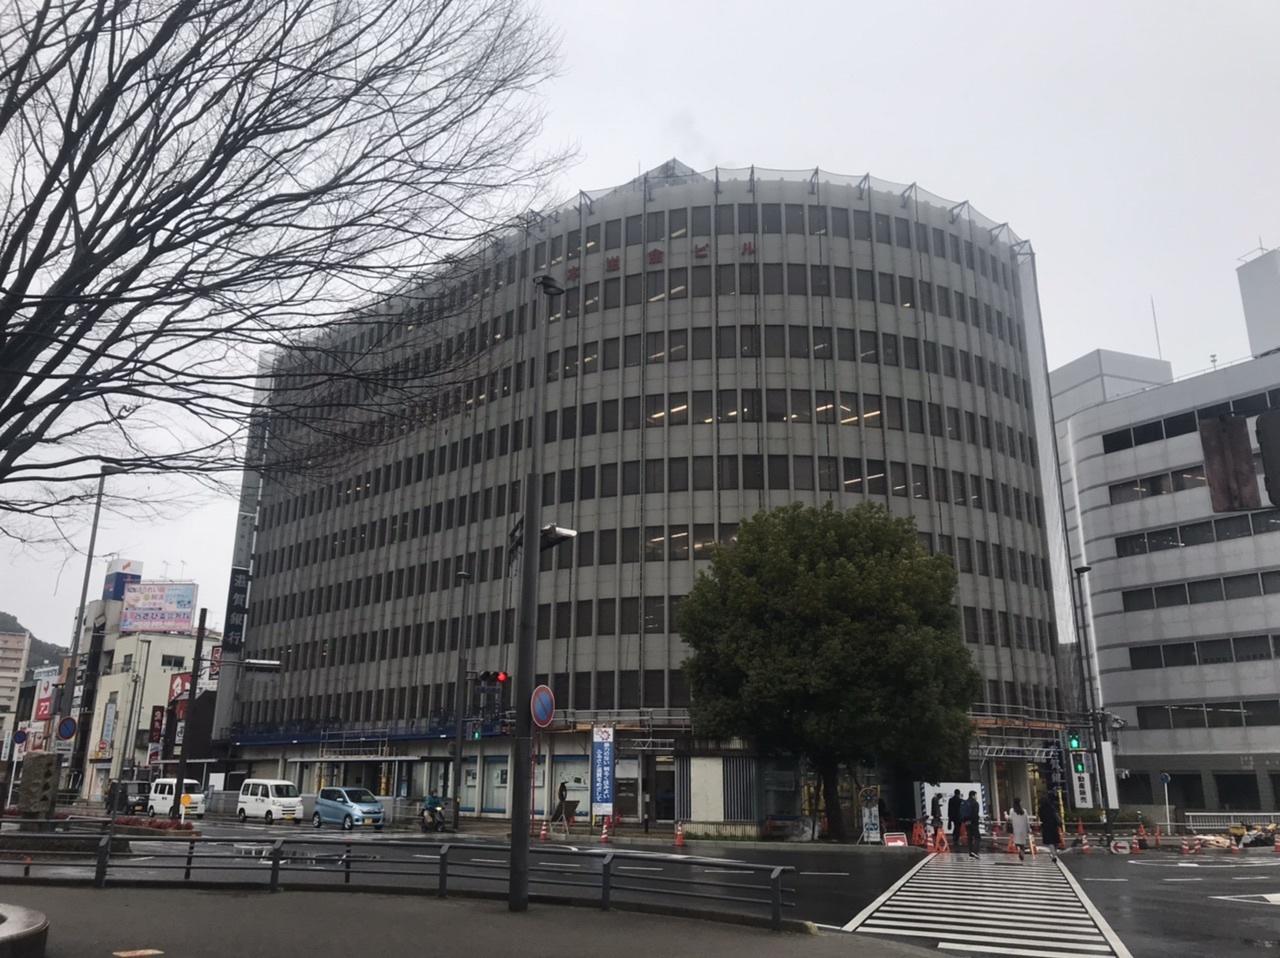 1月23日 滋賀大学経済学部付属リスク研究センター_a0317236_05544641.jpeg